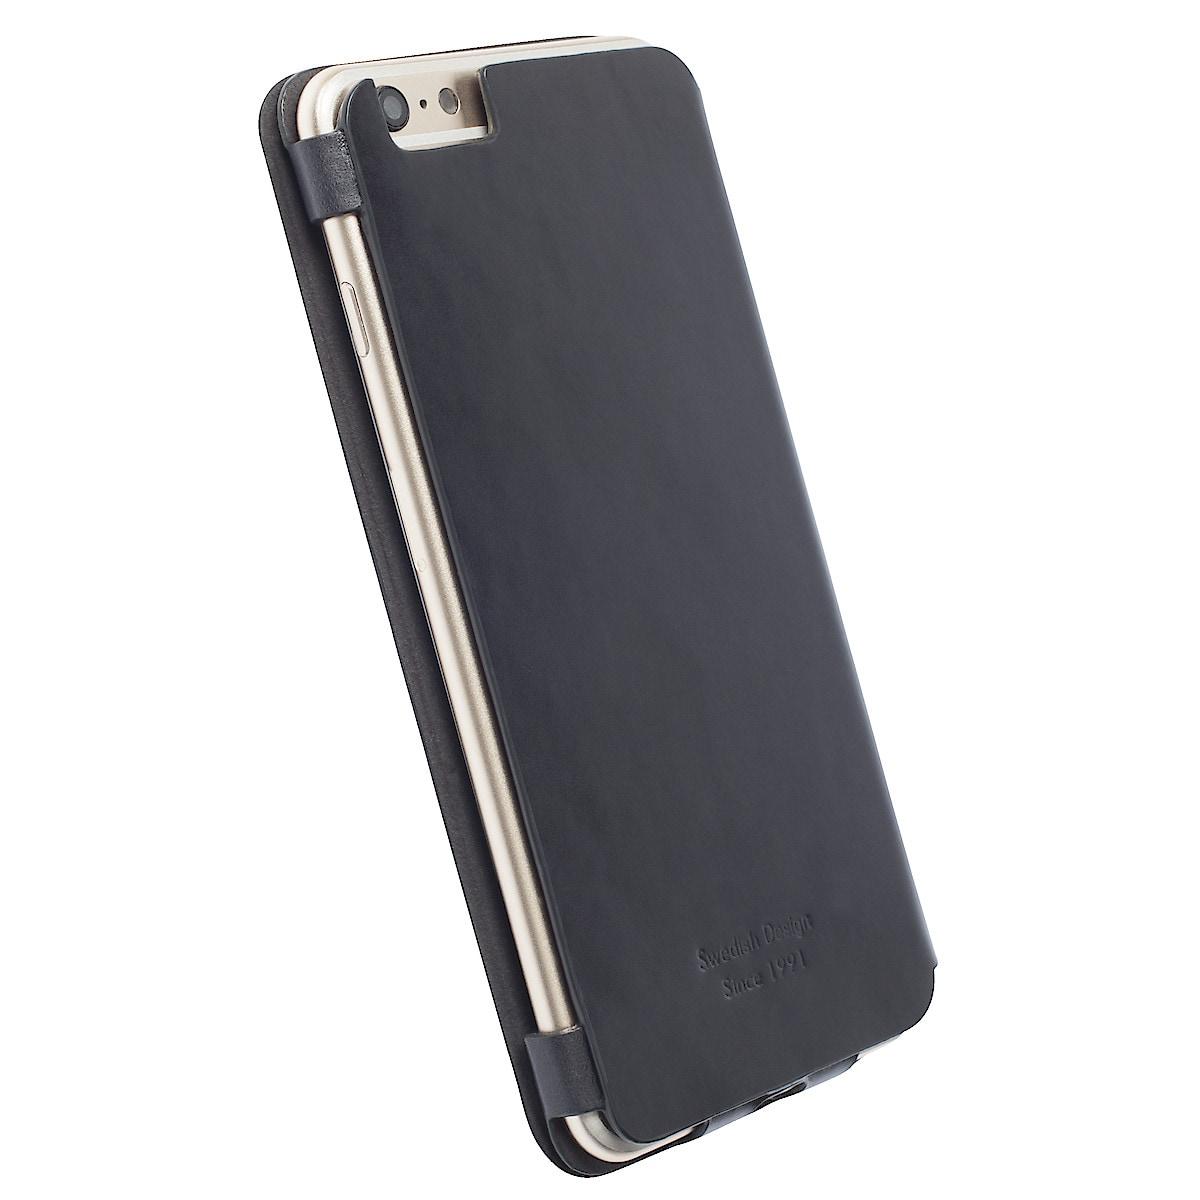 Plånboksfodral för iPhone 6 Plus/6S Plus Krusell Kiruna